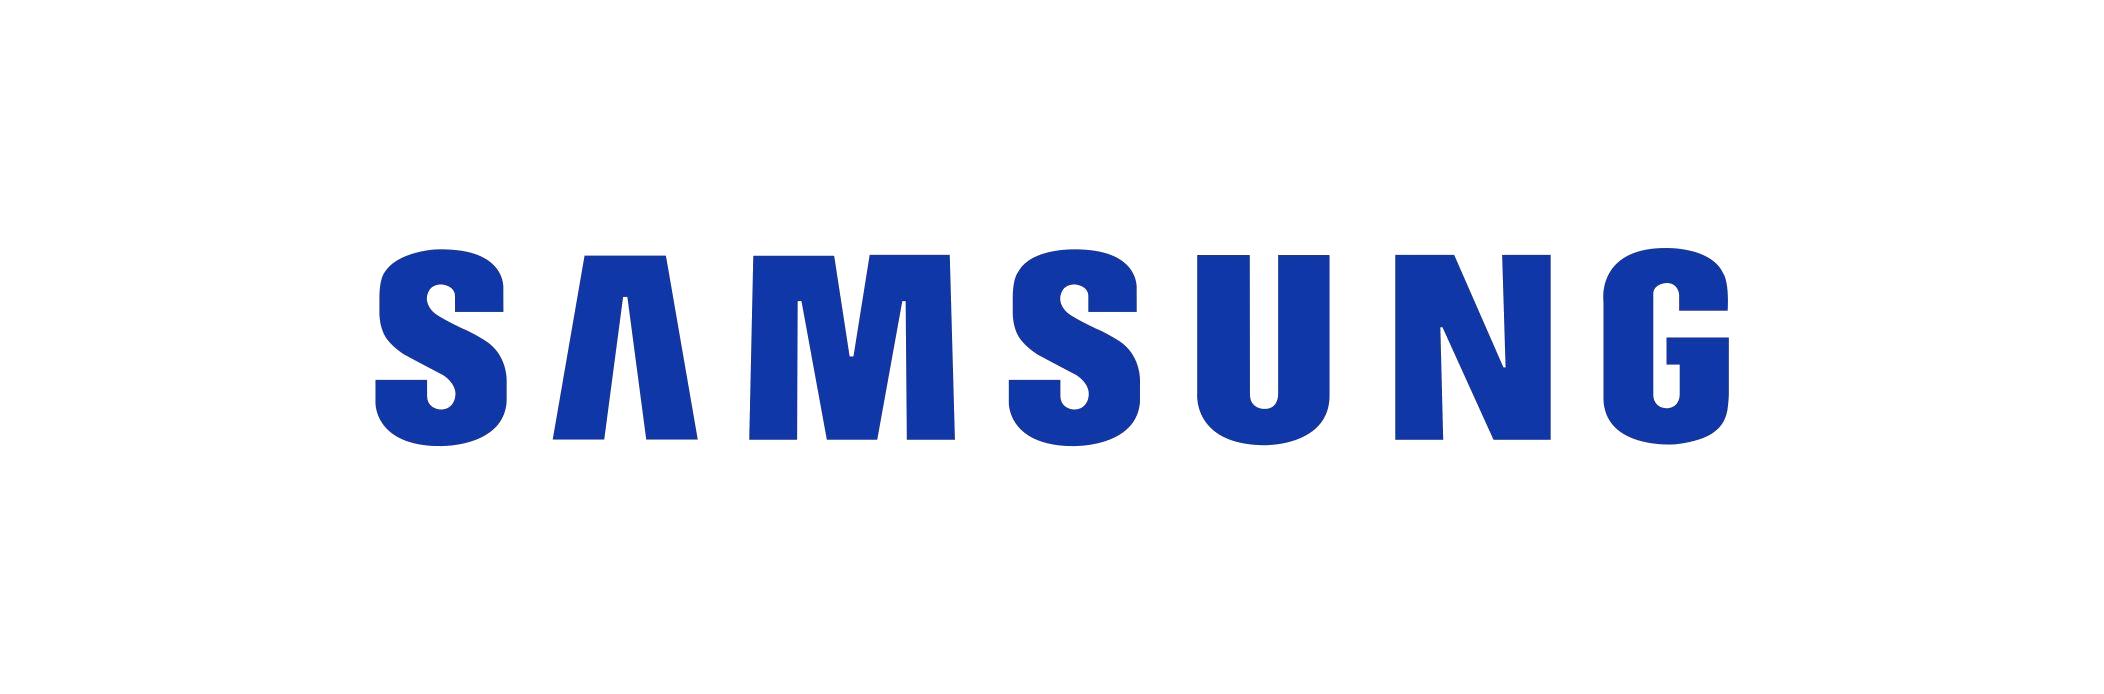 http://pngimg.com/uploads/samsung_logo/samsung_logo_PNG3